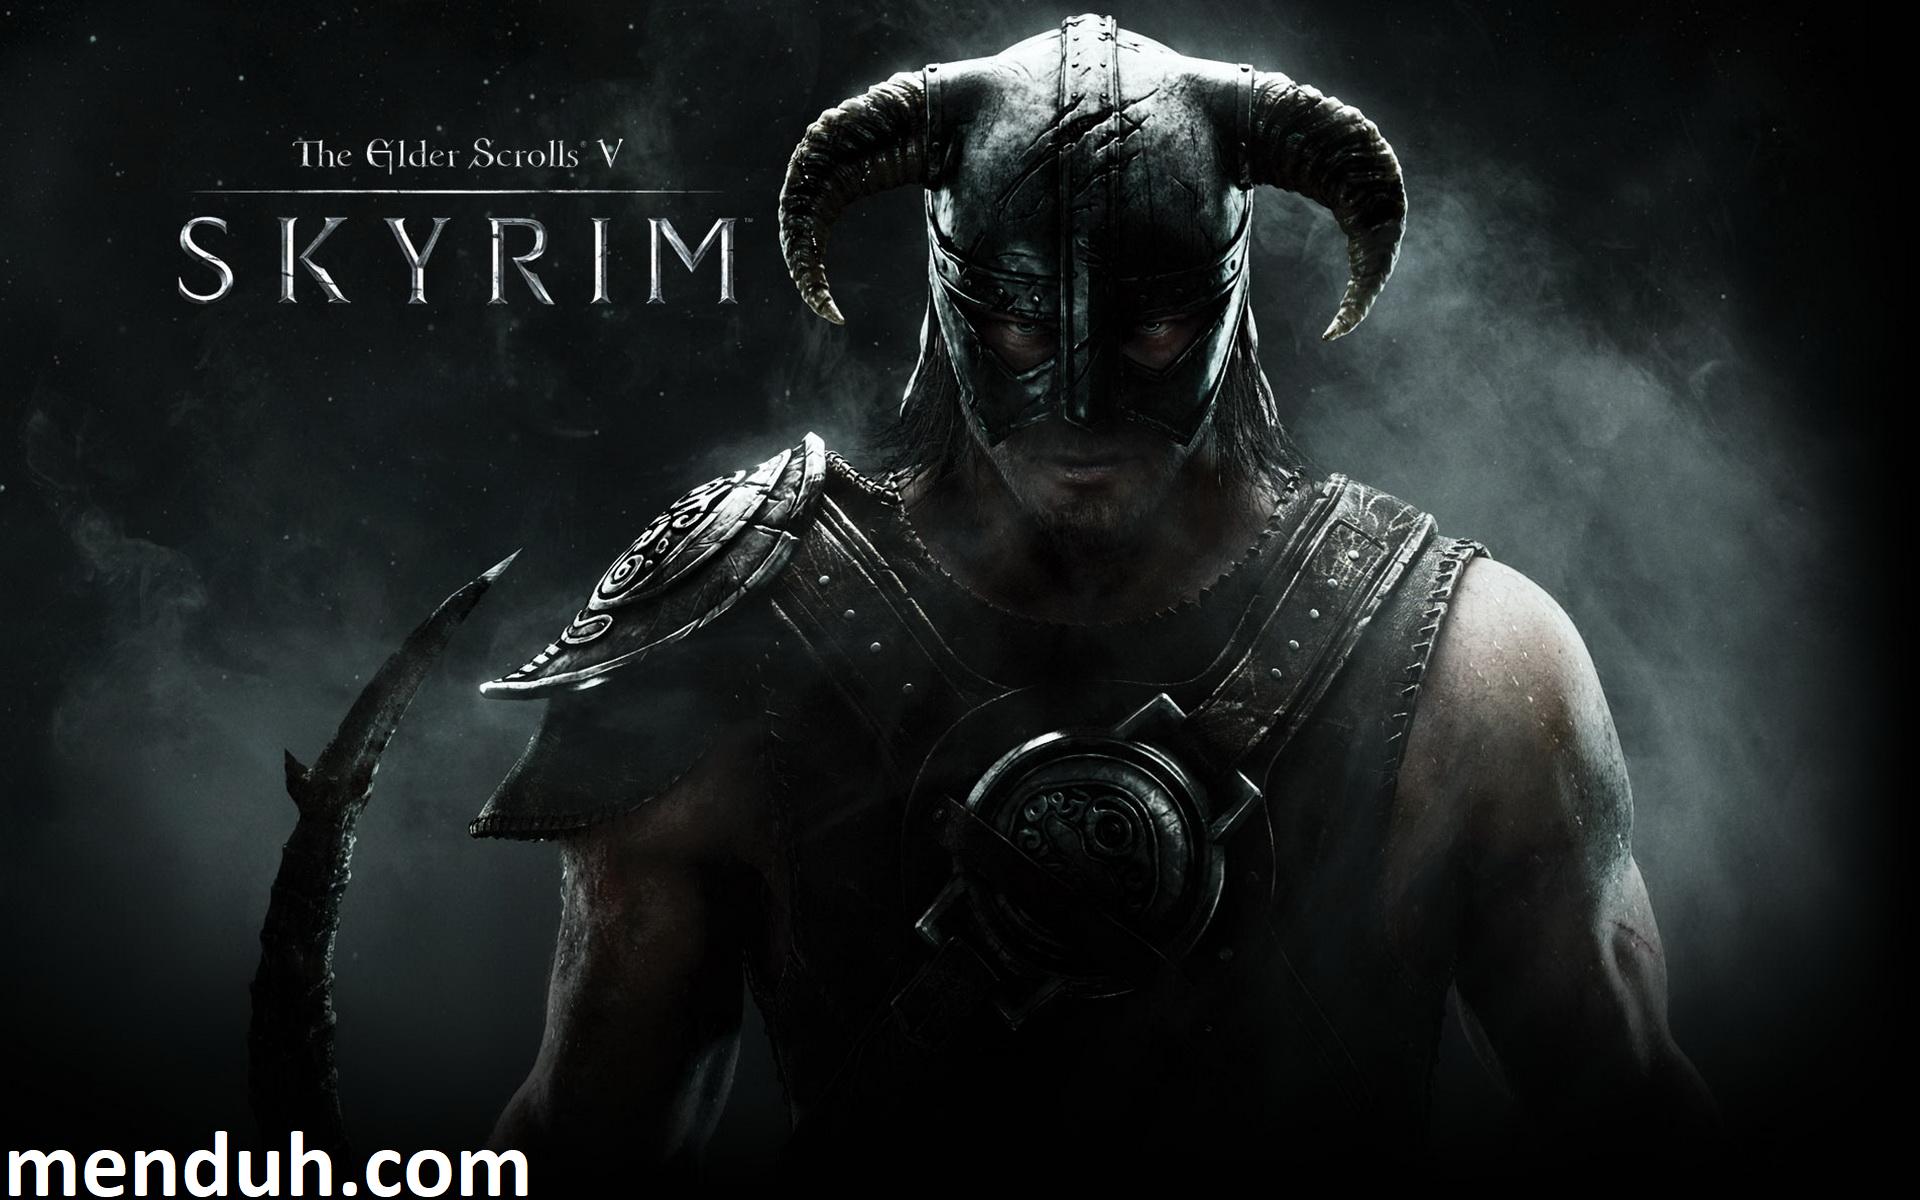 The Elder Scrolls 5 Skyrim Türkçe Yama